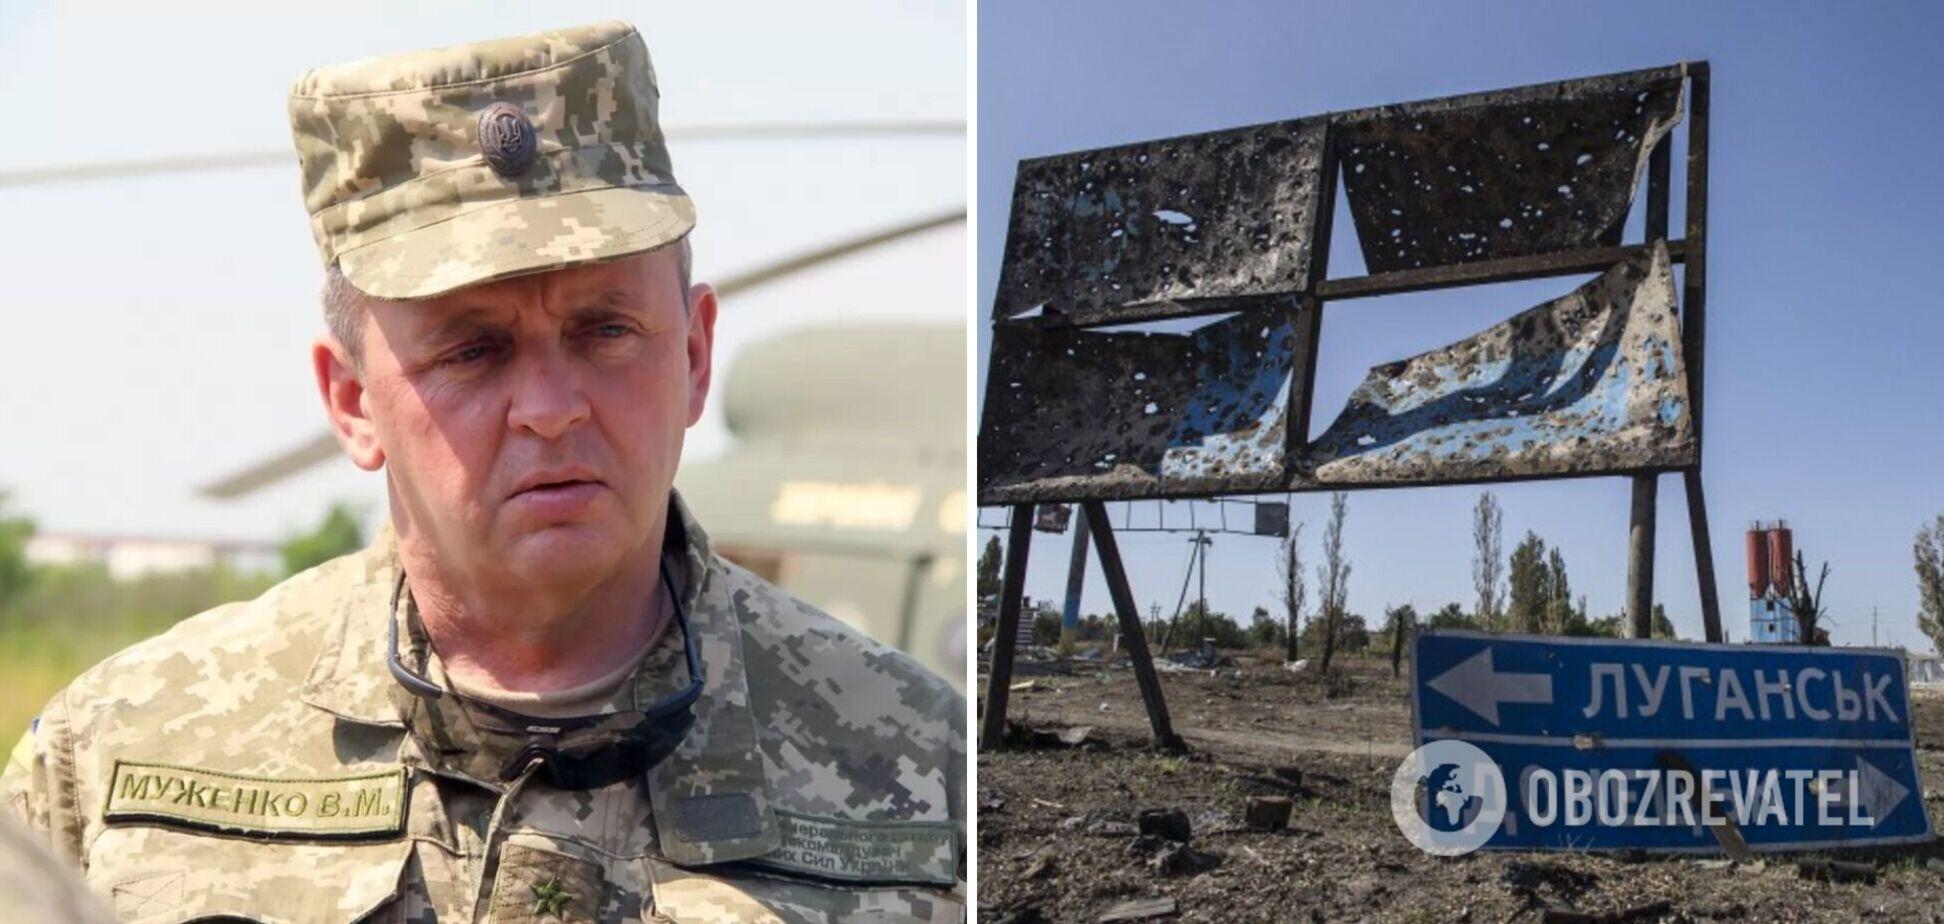 Муженко – про загострення на Донбасі: треба бути готовими до адекватного реагування